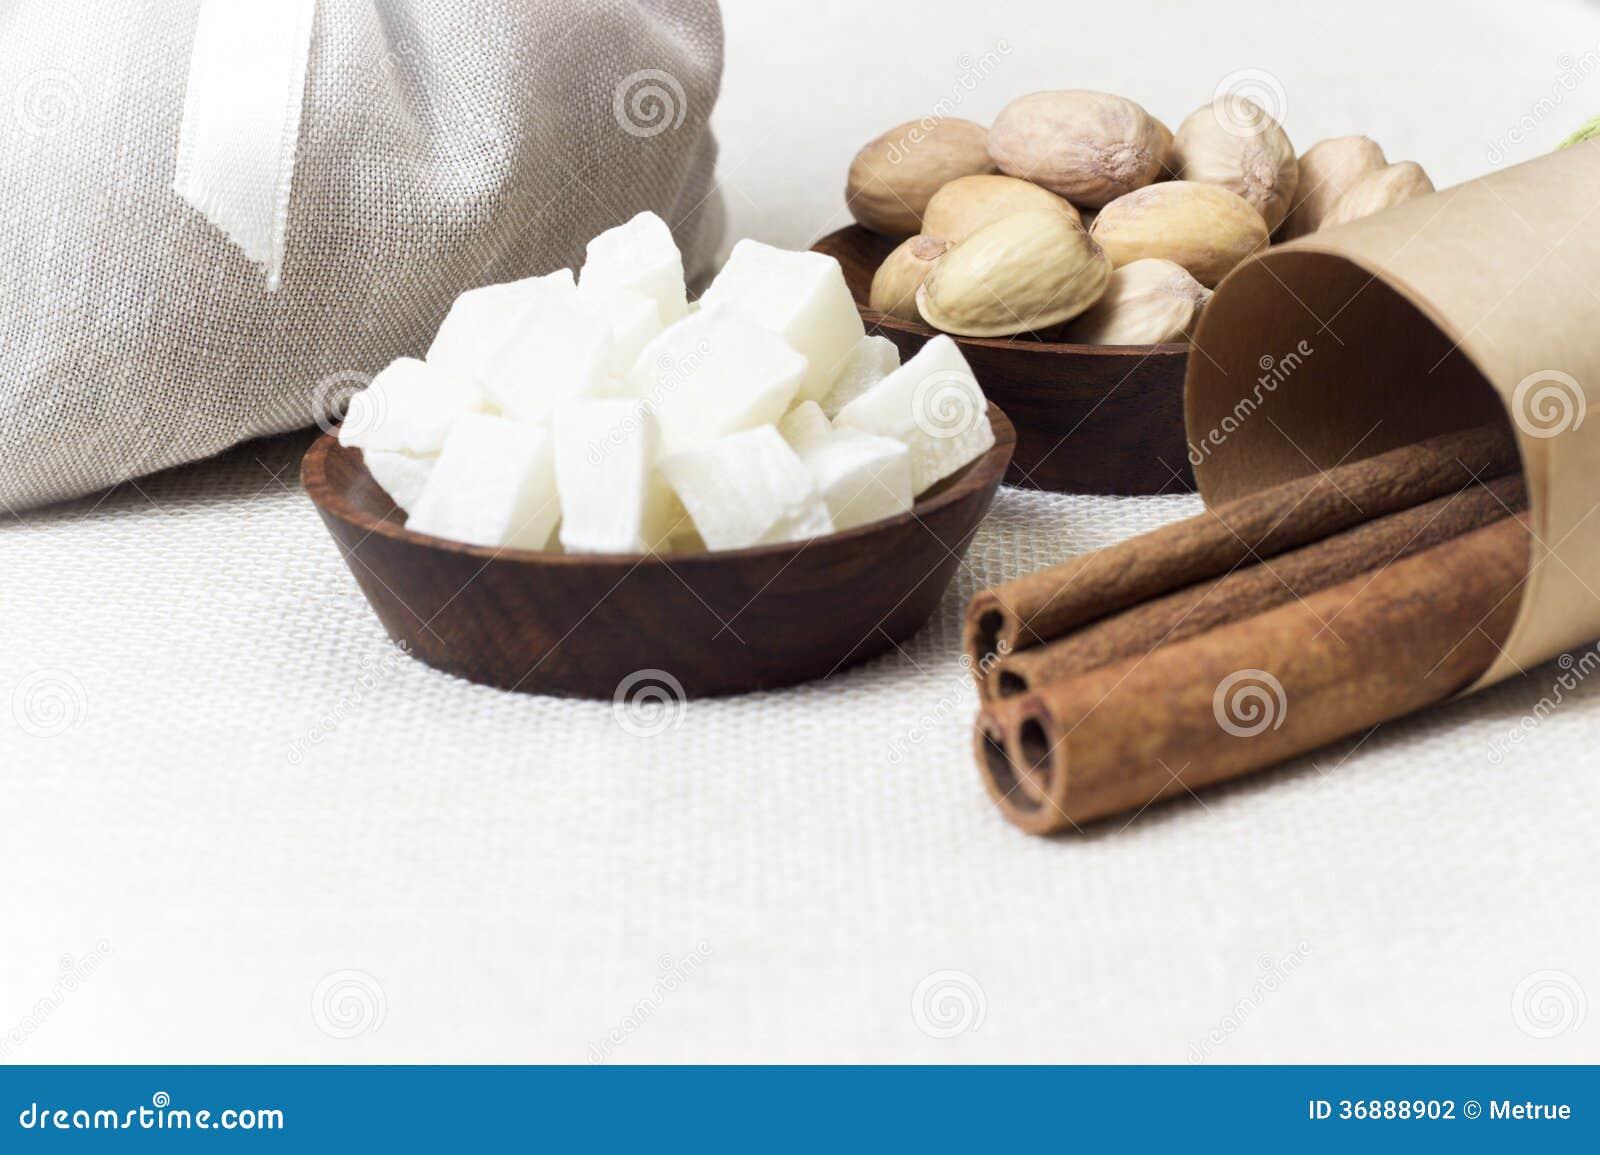 Download Dadi e frutti fotografia stock. Immagine di pasto, fresco - 36888902